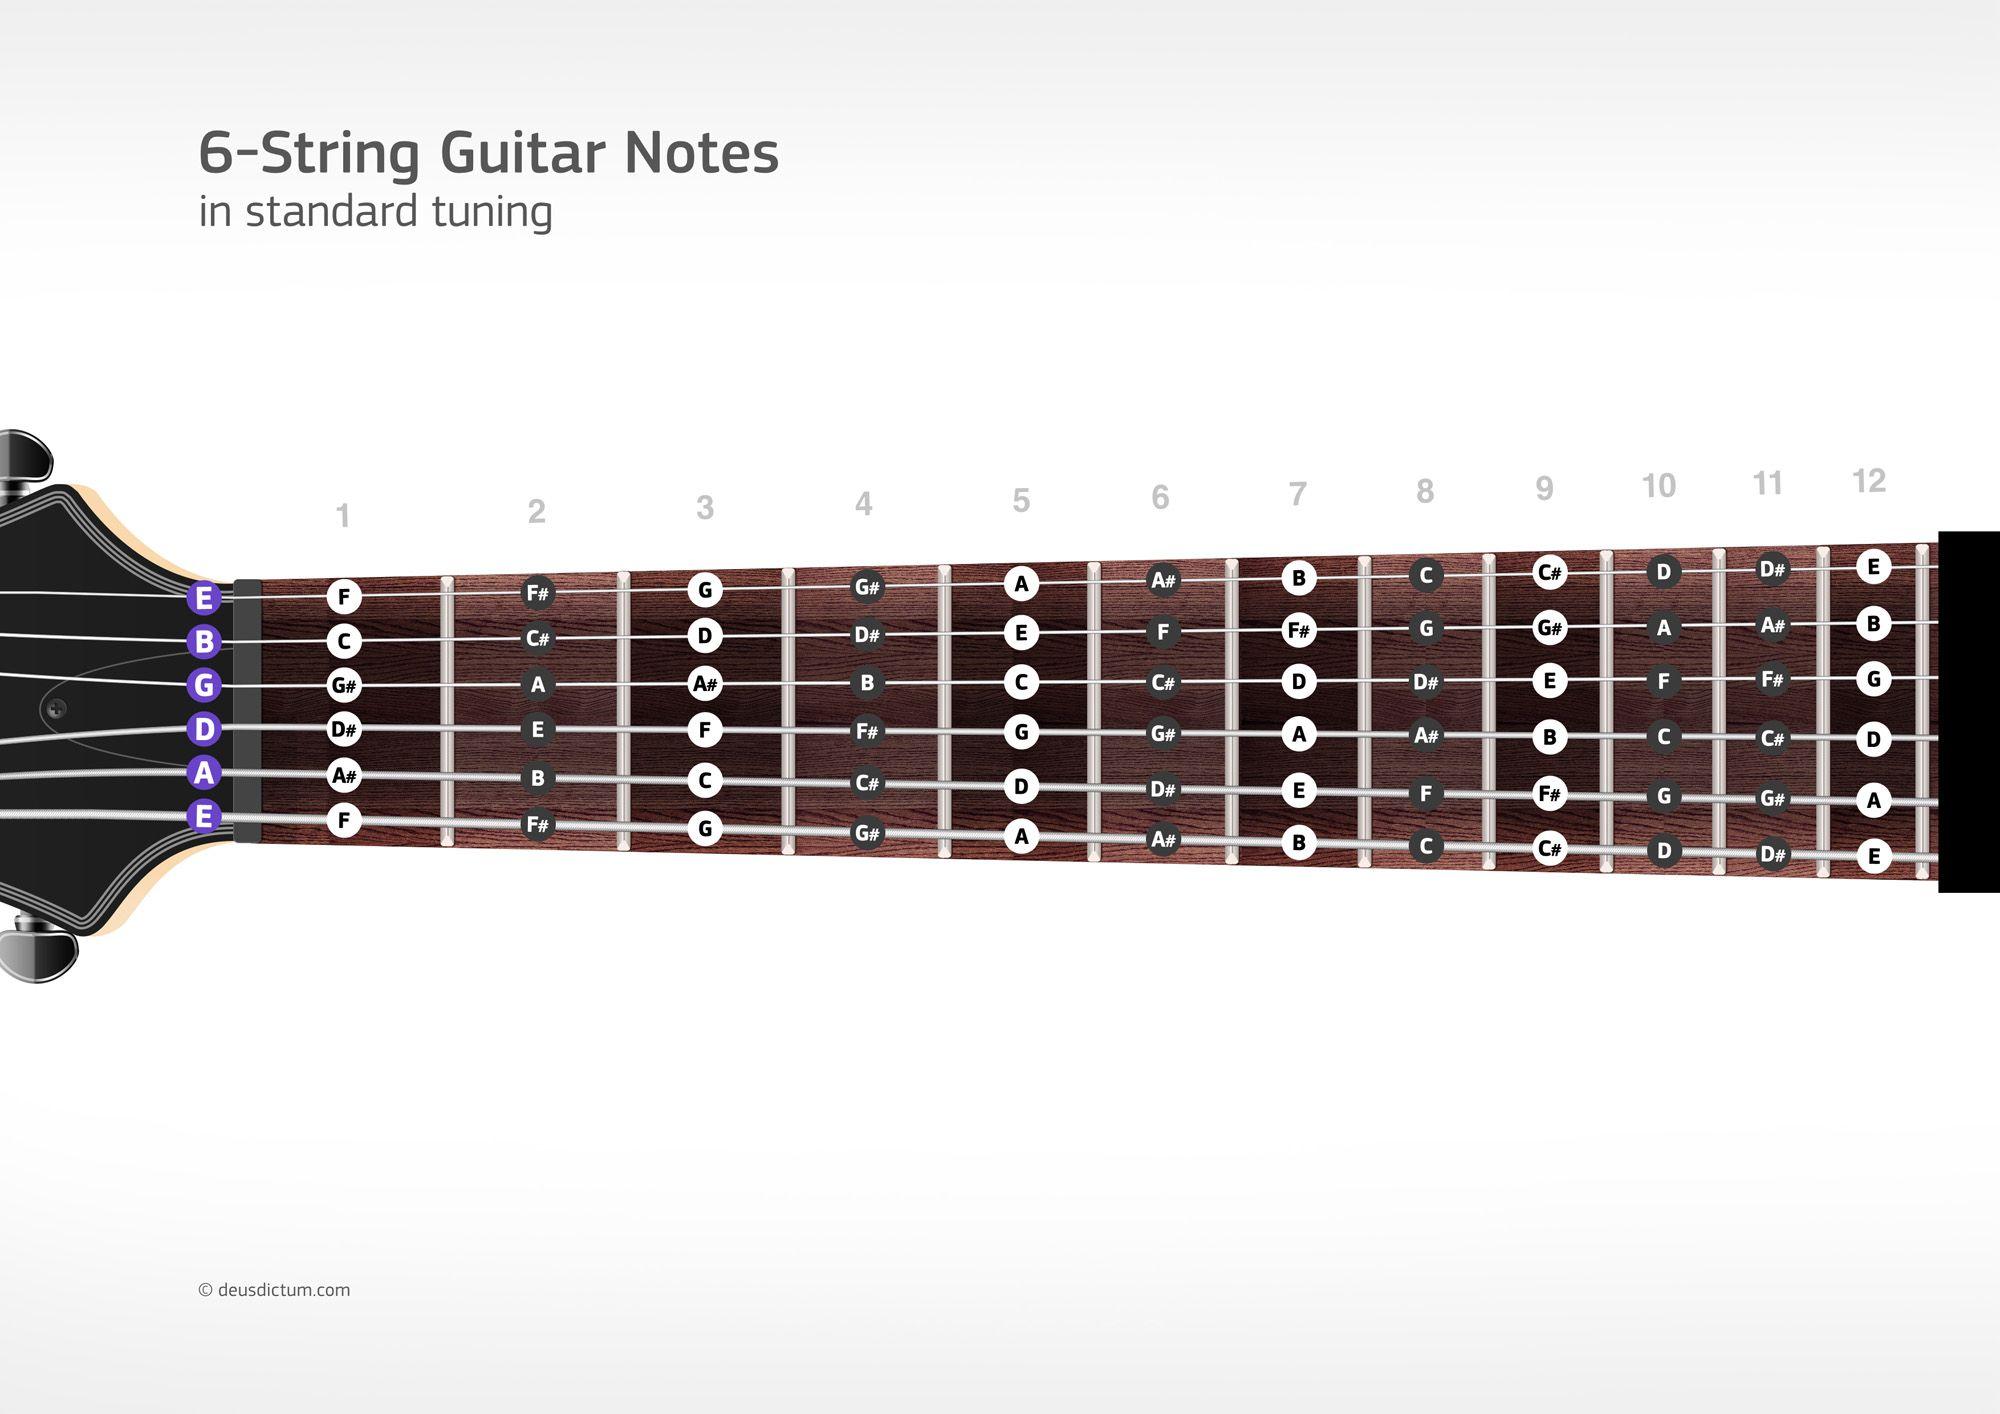 fretboard note chart 2 000 1 414 pixels worldly stuff pinterest guitars. Black Bedroom Furniture Sets. Home Design Ideas